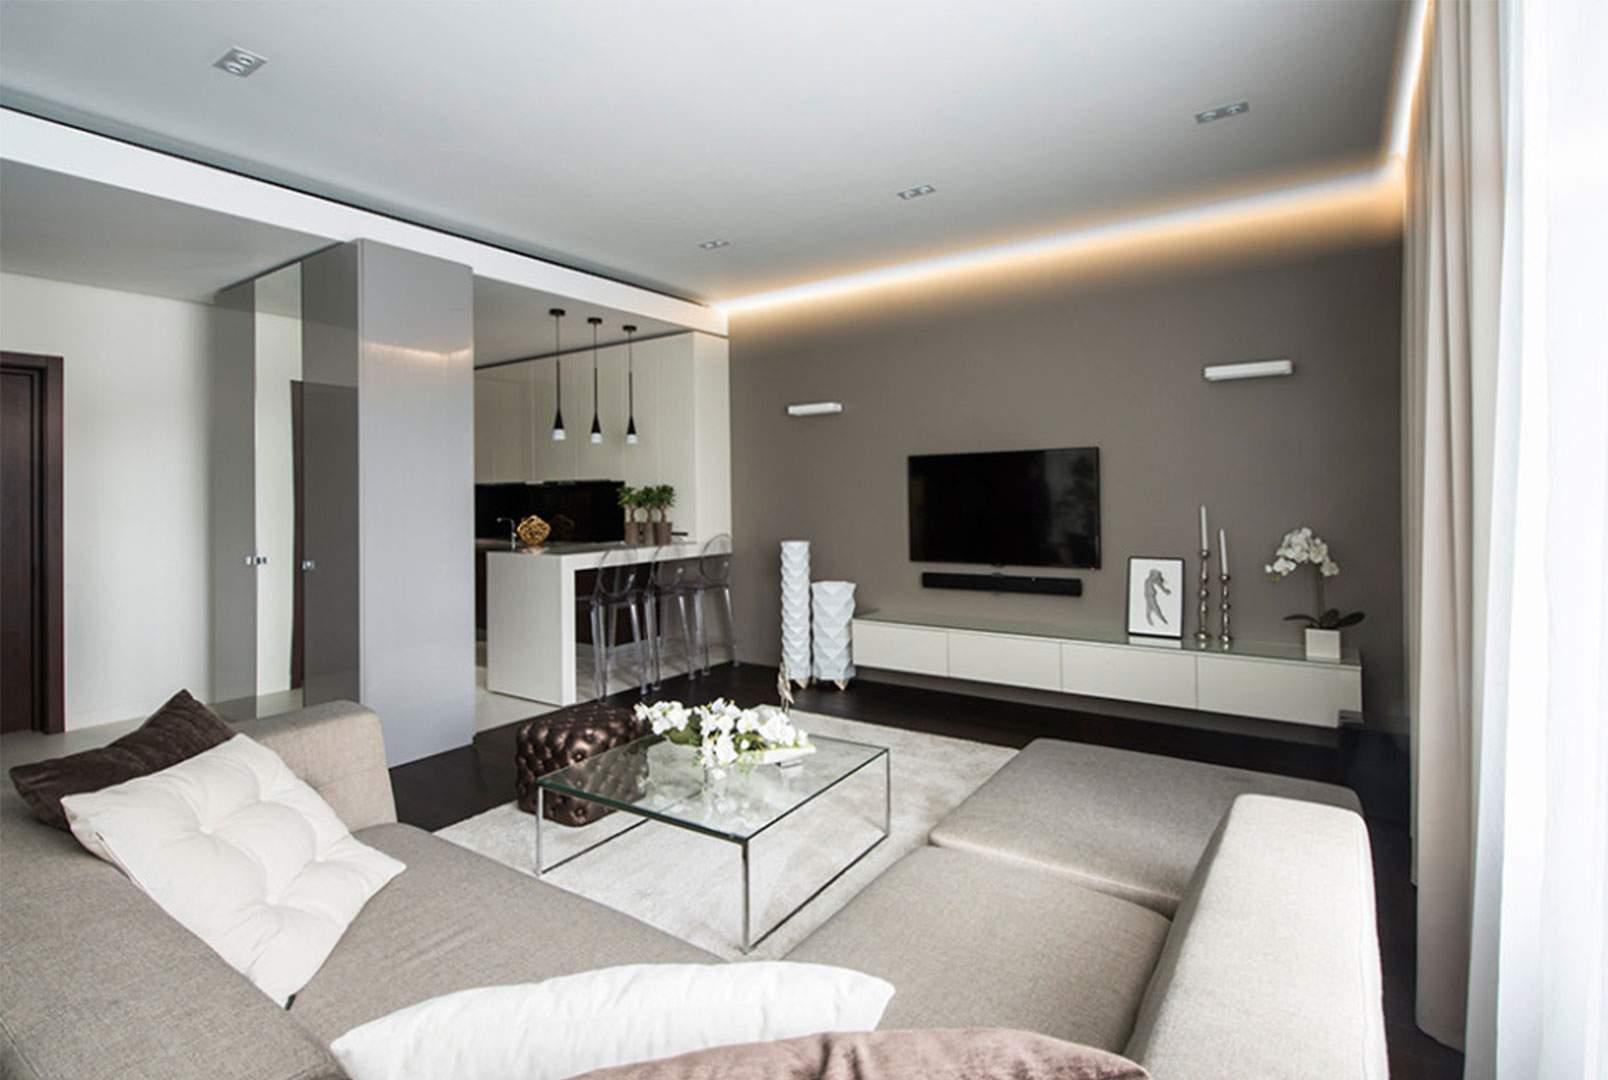 thiết kế nội thất chung cư 45m2 tinh tế